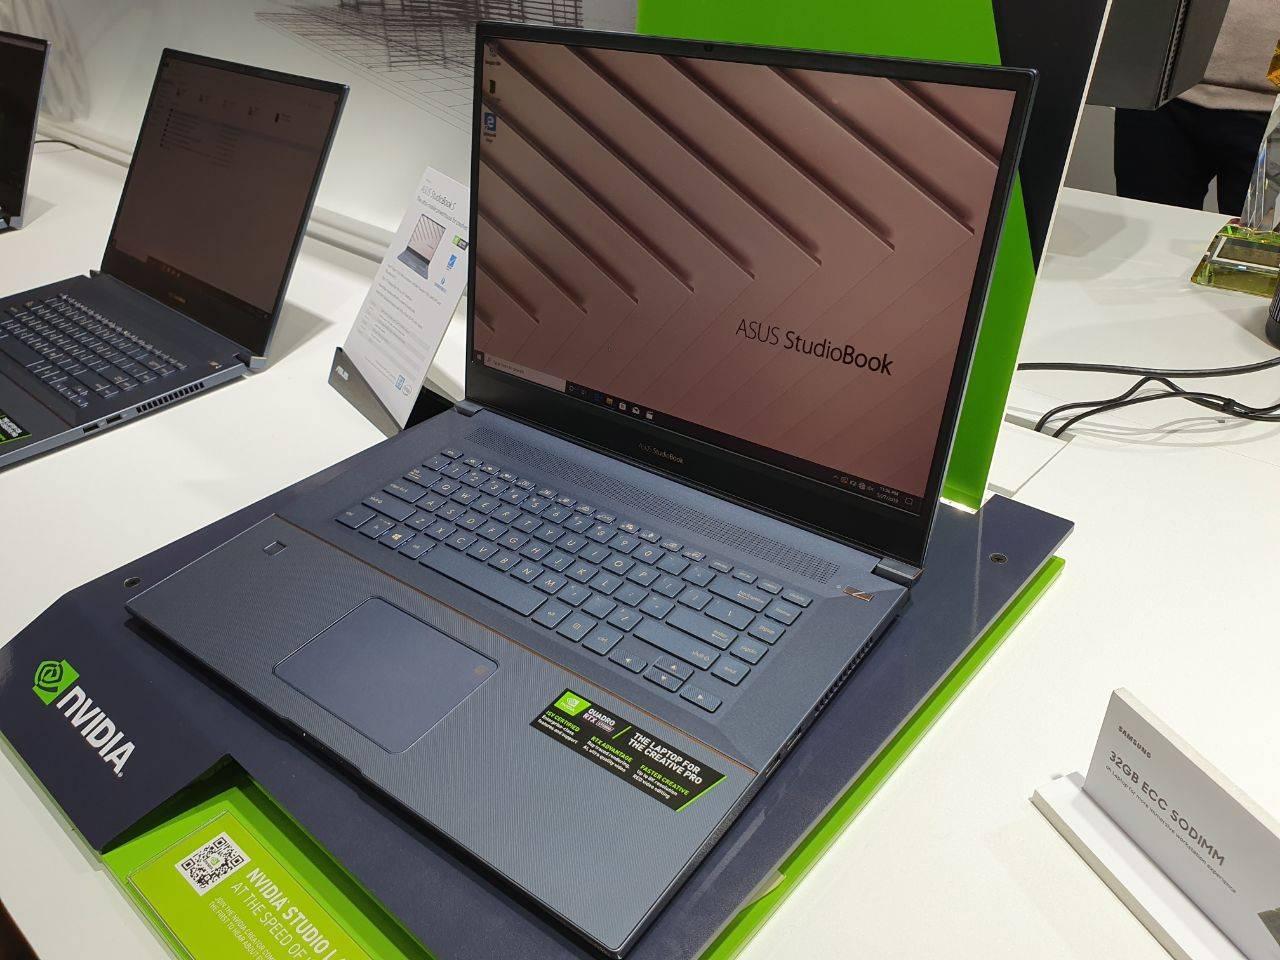 NVIDIA presentó sus gráficos profesionales Quadro RTX en 17 nuevas laptops #Computex2019